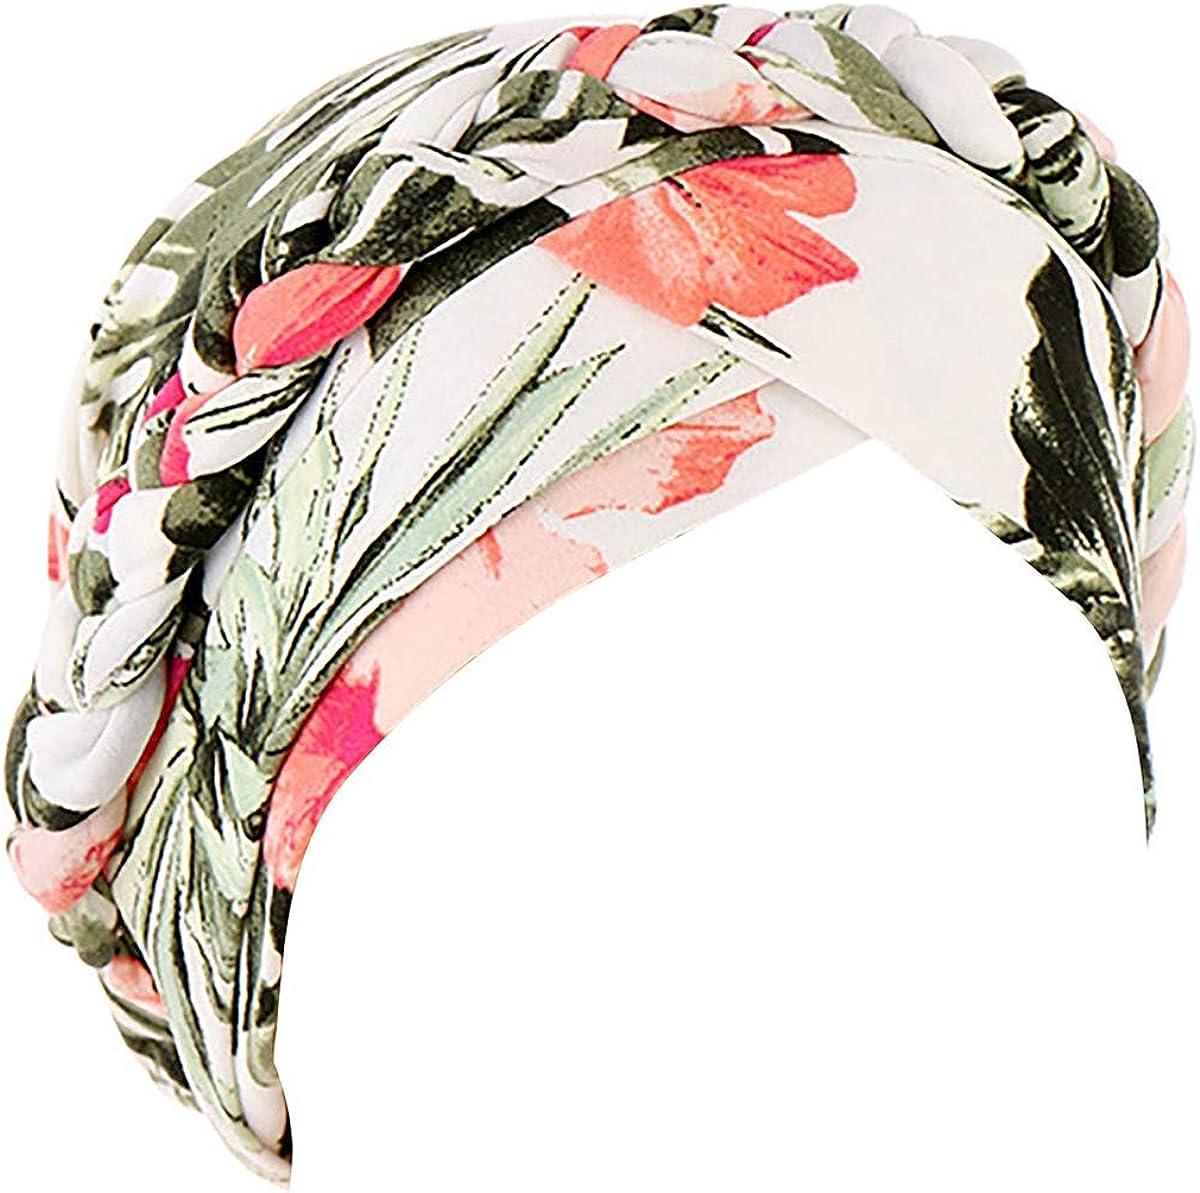 Floral Printed Turban Hat Braid Turban Head Wrap Baggy Slouchy Beanie Chemo Cap